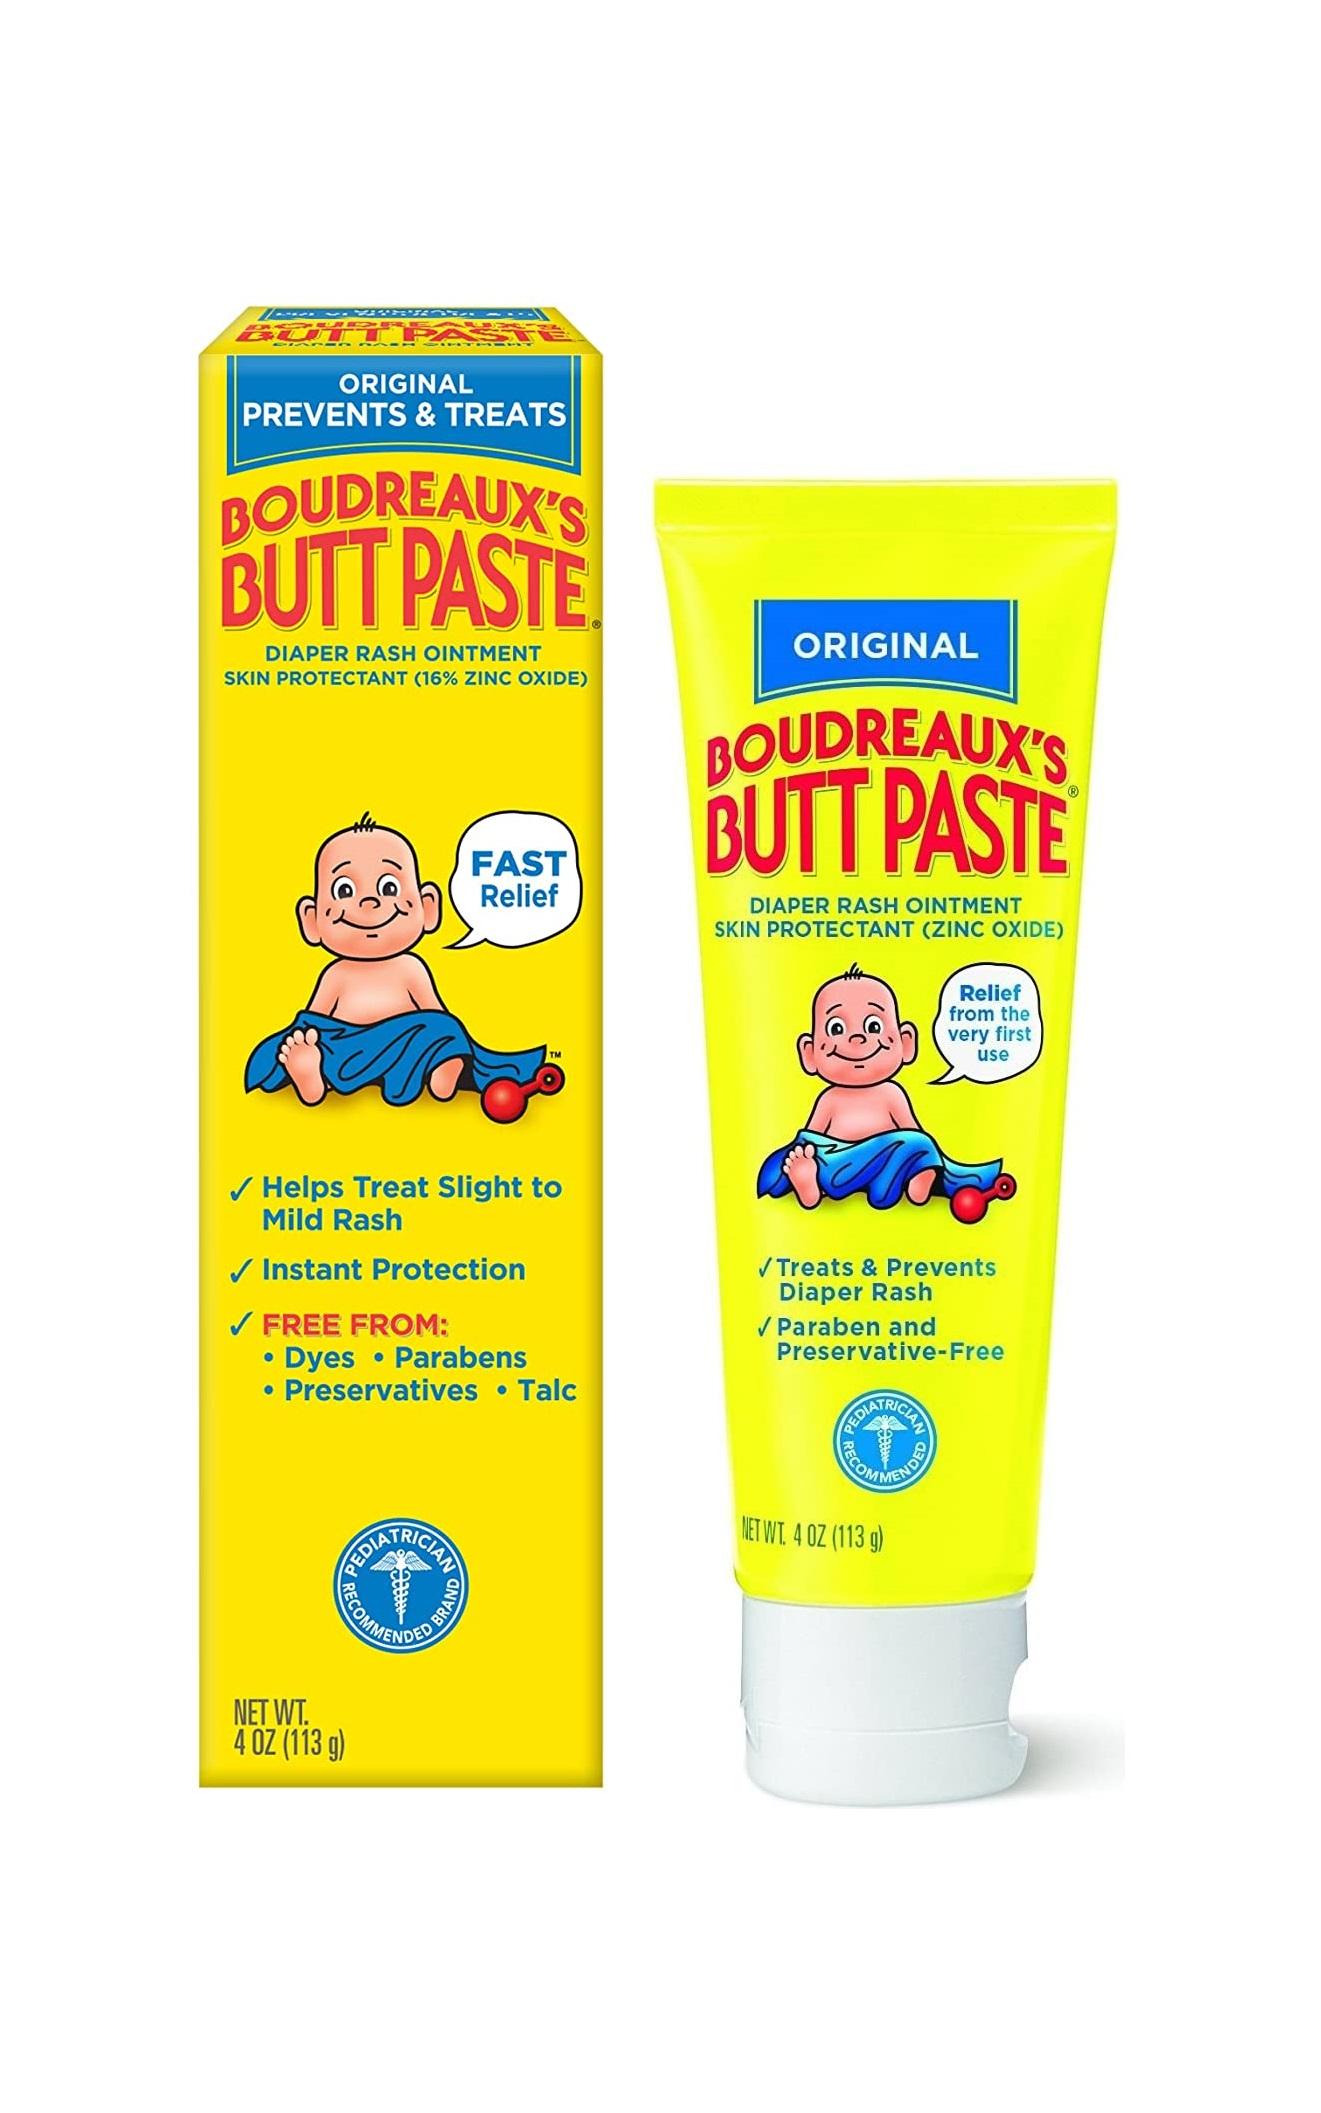 Original Boudreaux's Butt Paste nappy Rash Ointment